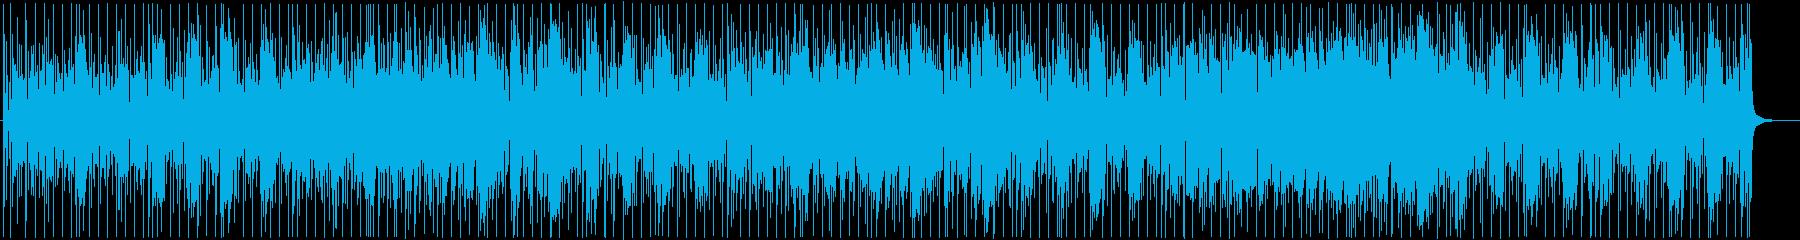 颯爽とした勢いを感じるファンクブルースの再生済みの波形